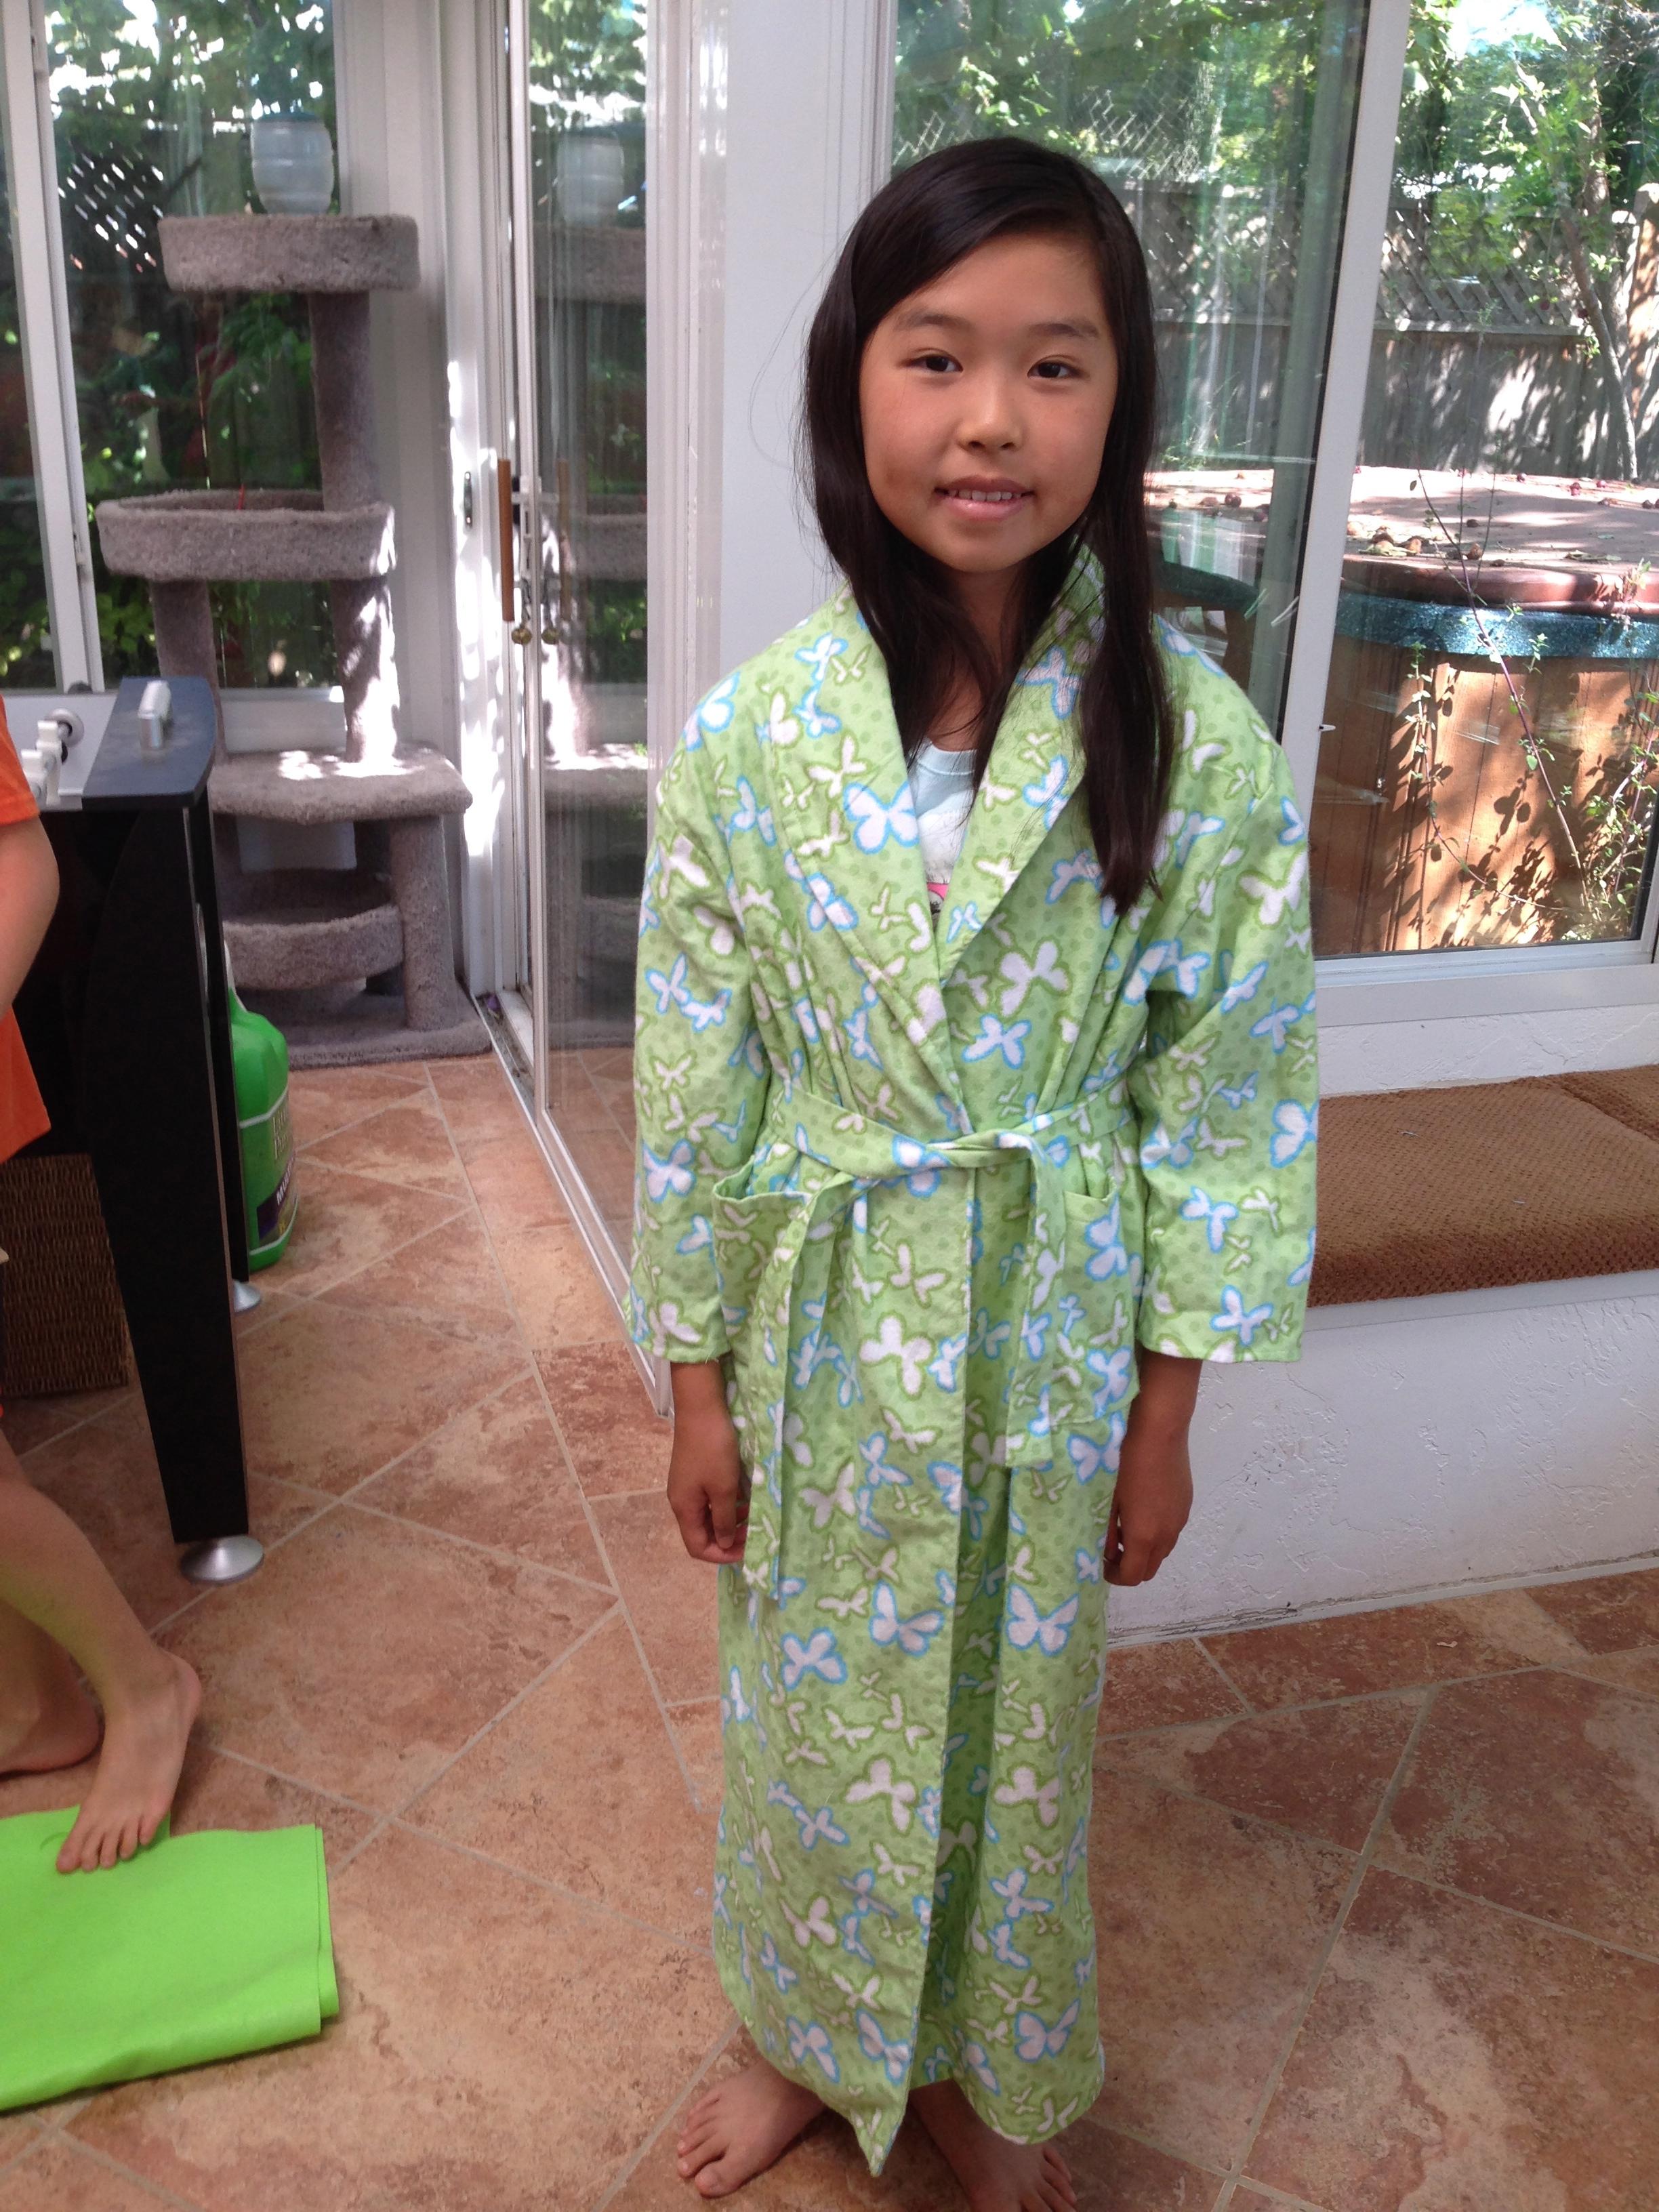 7th grader Robe